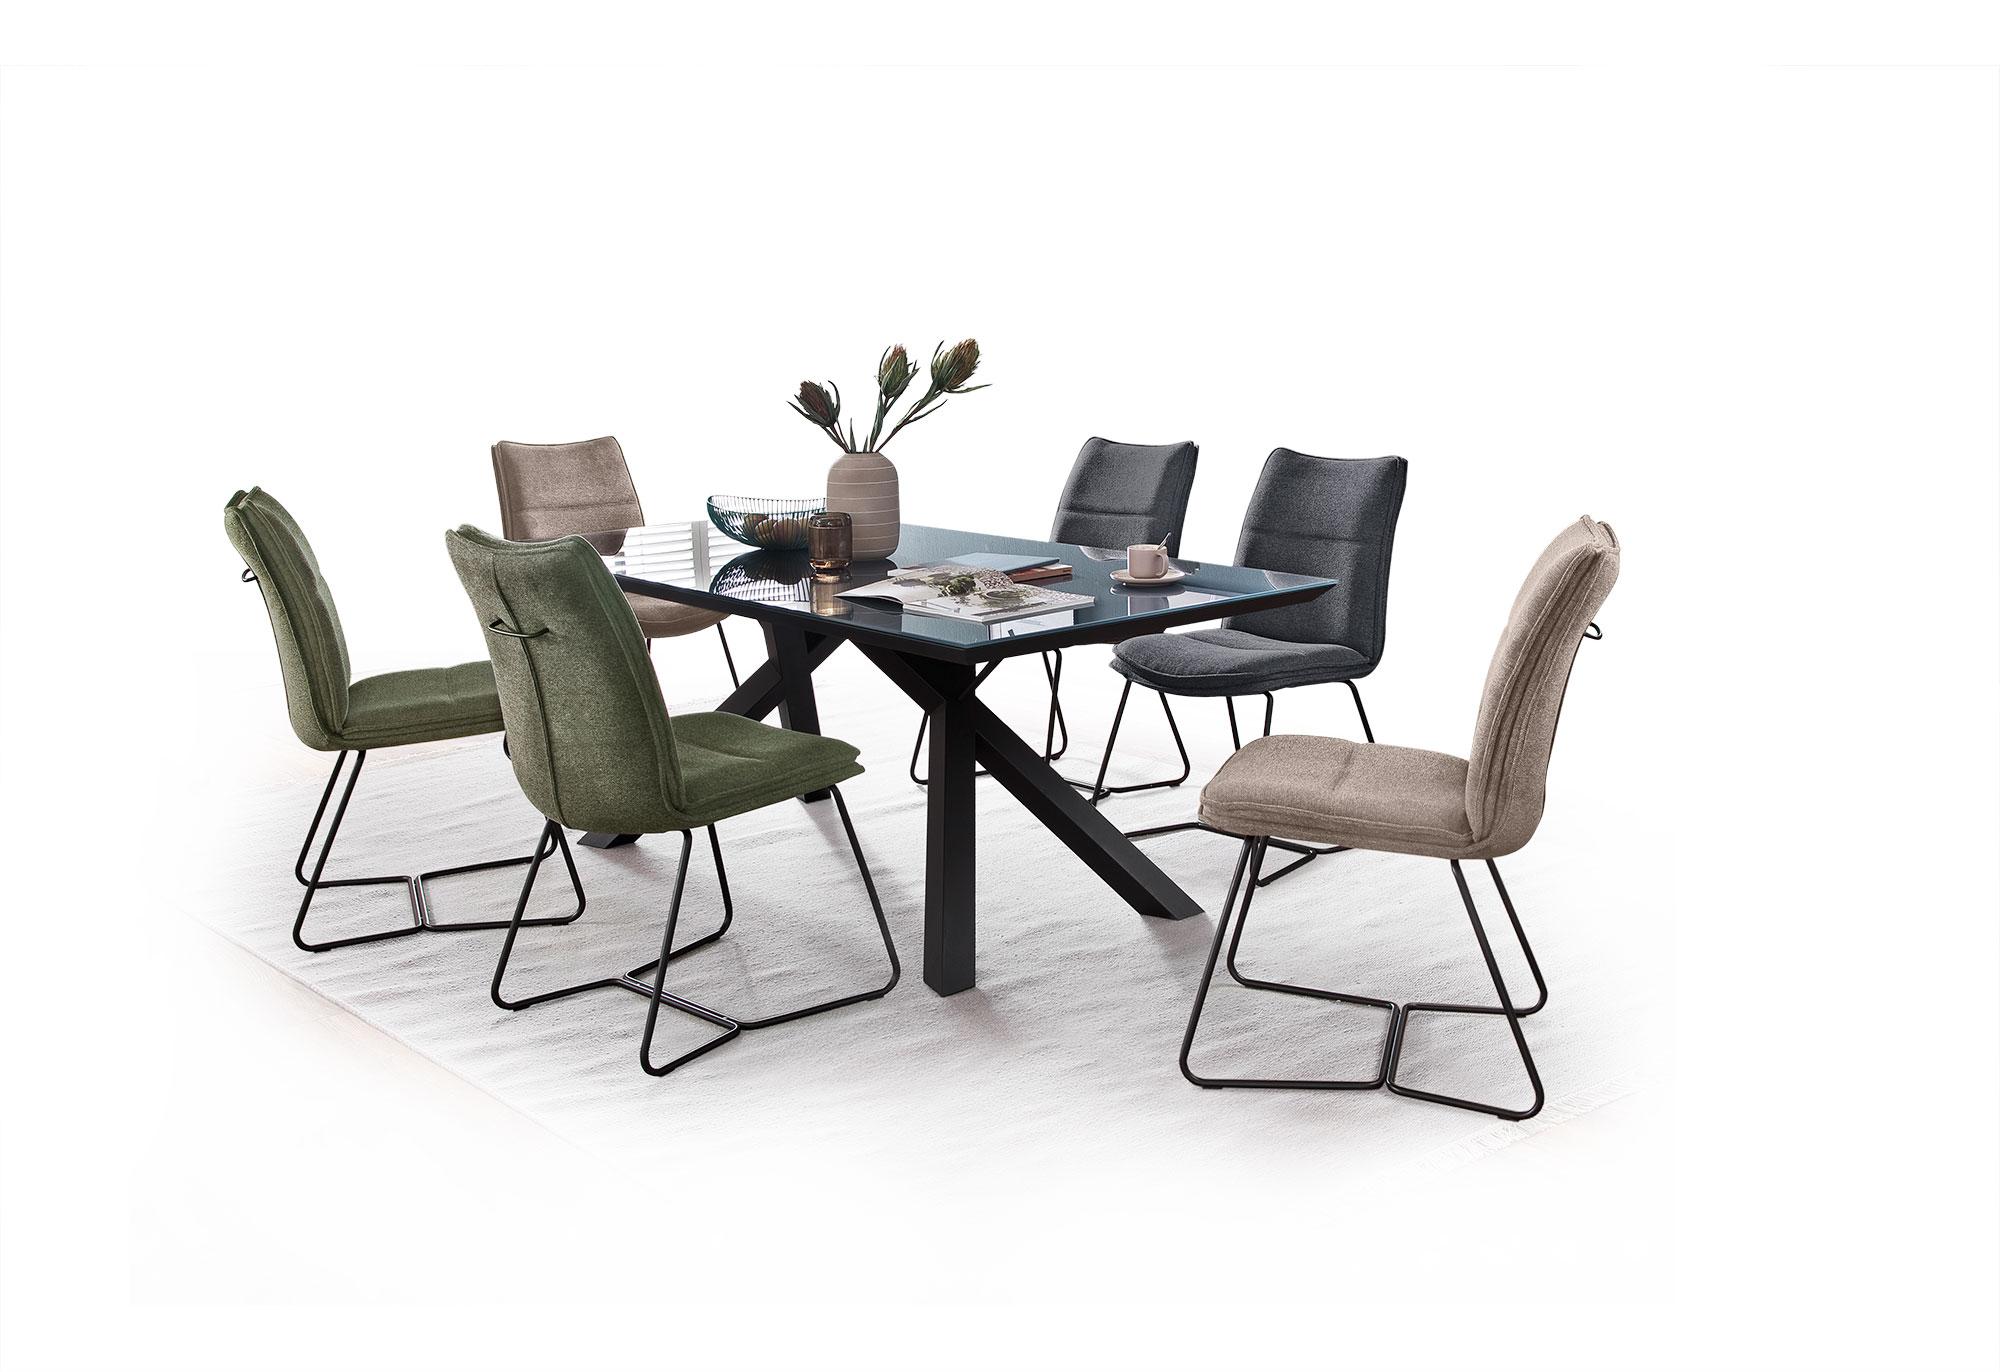 EVERETT/HAMPTON Stuhlgruppe